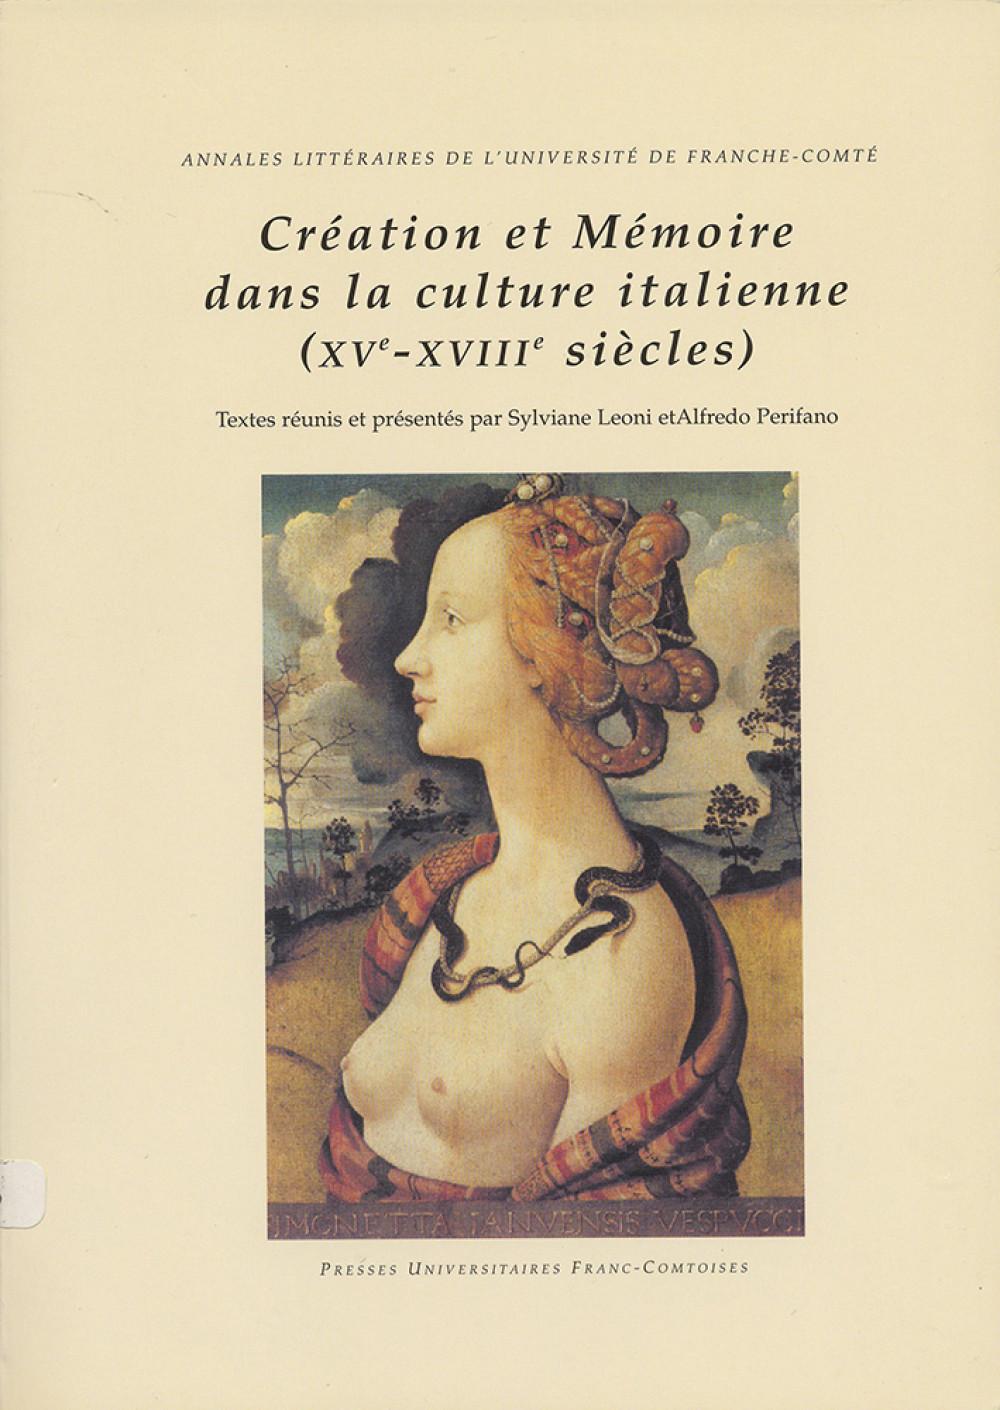 """Création et Mémoire dans la culture italienne (<span style=""""font-variant: small-caps"""">XV</span><sup>e</sup>-<span style=""""font-variant: small-caps"""">XVIII</span><sup>e</sup> siècles)"""